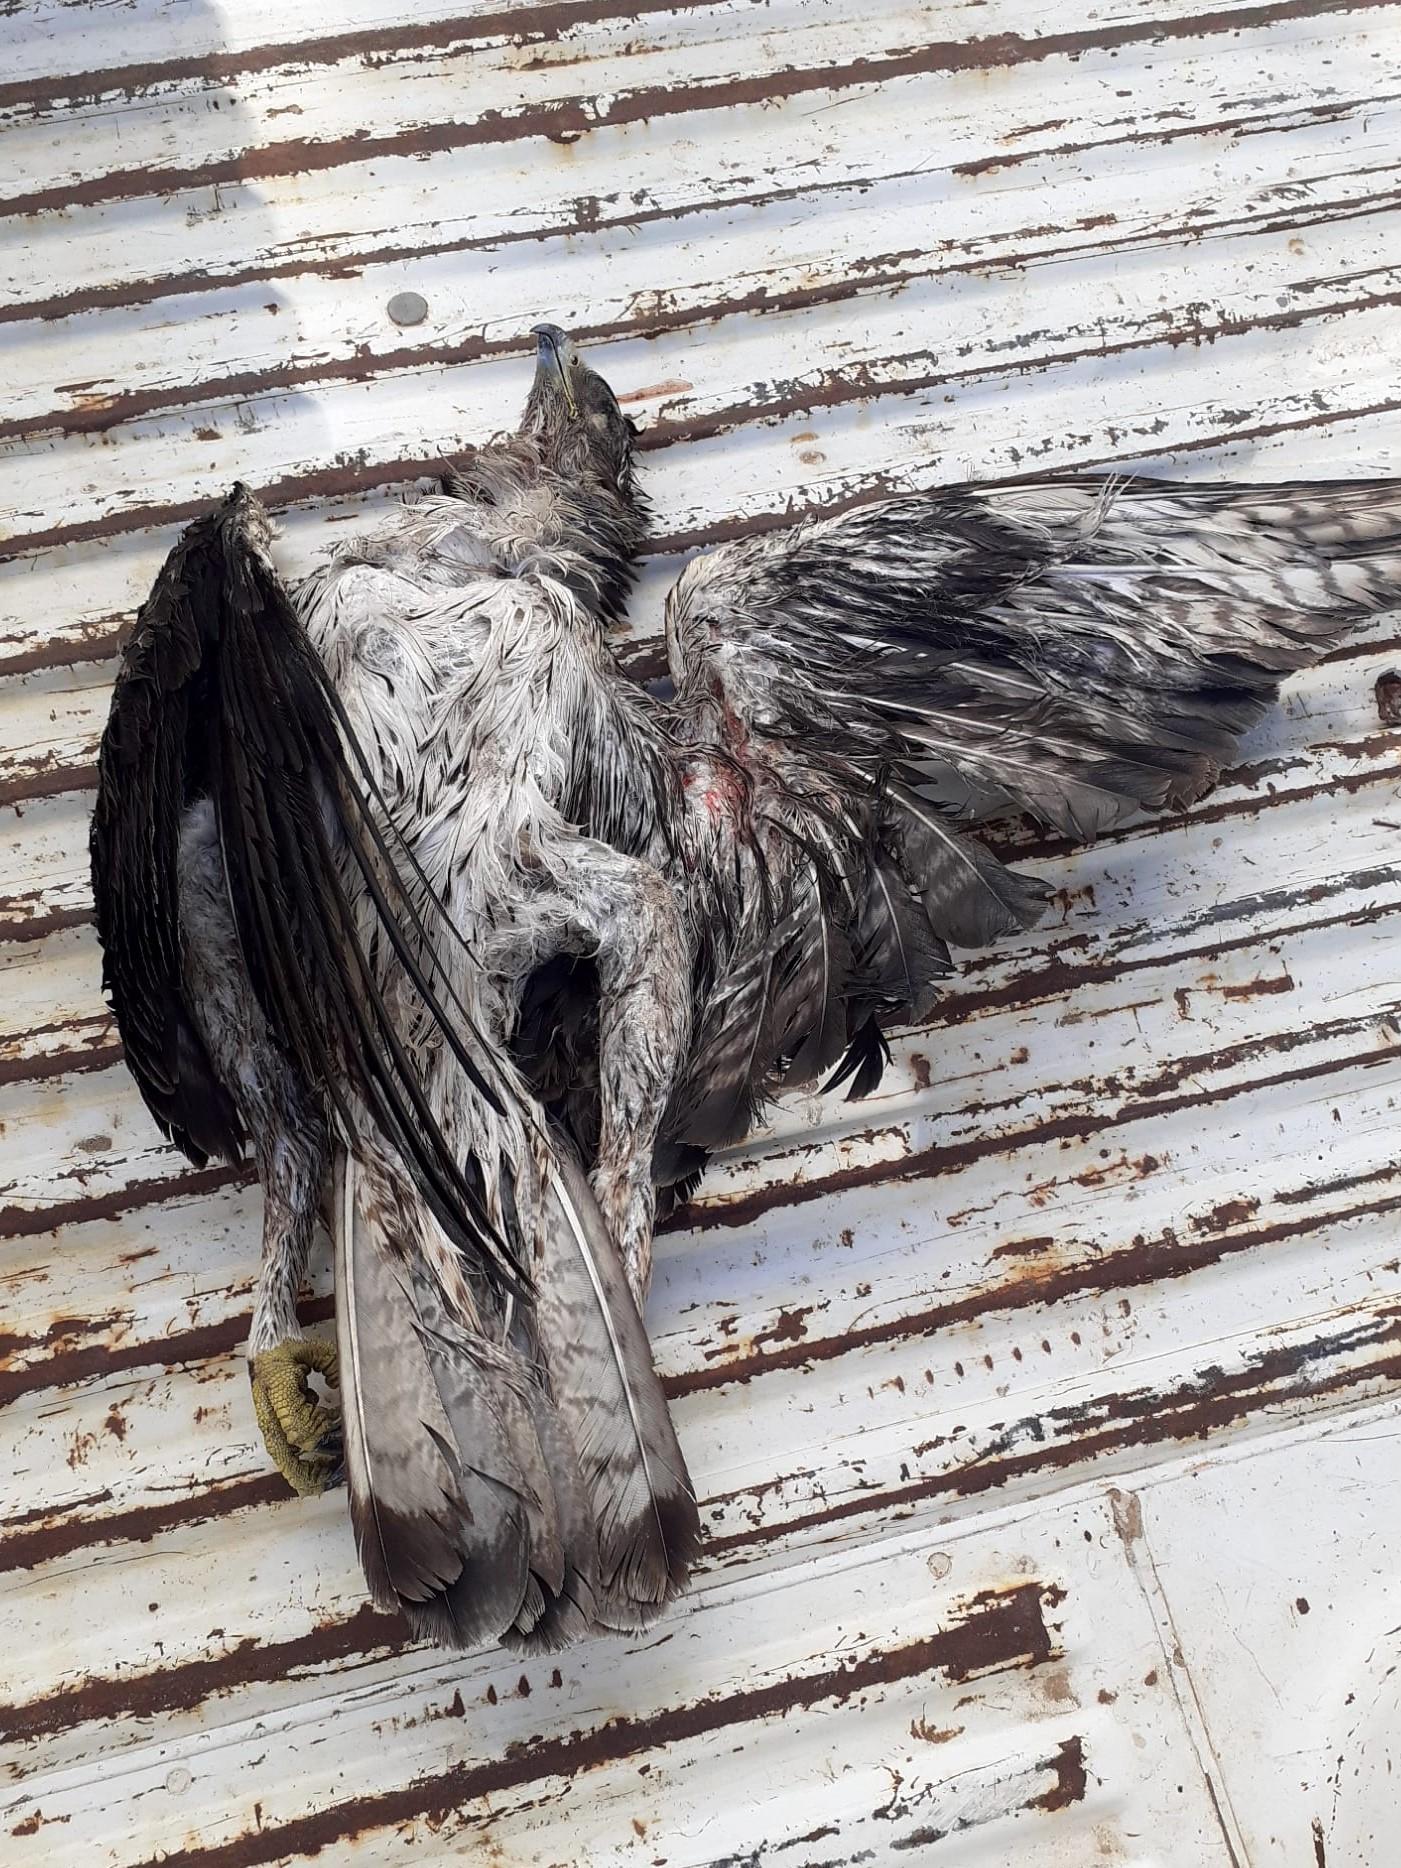 Águila perdicera hallada muerta esta semana bajo el cableado de un tendido eléctrico valenciano no señalizado. Imagen: SOV